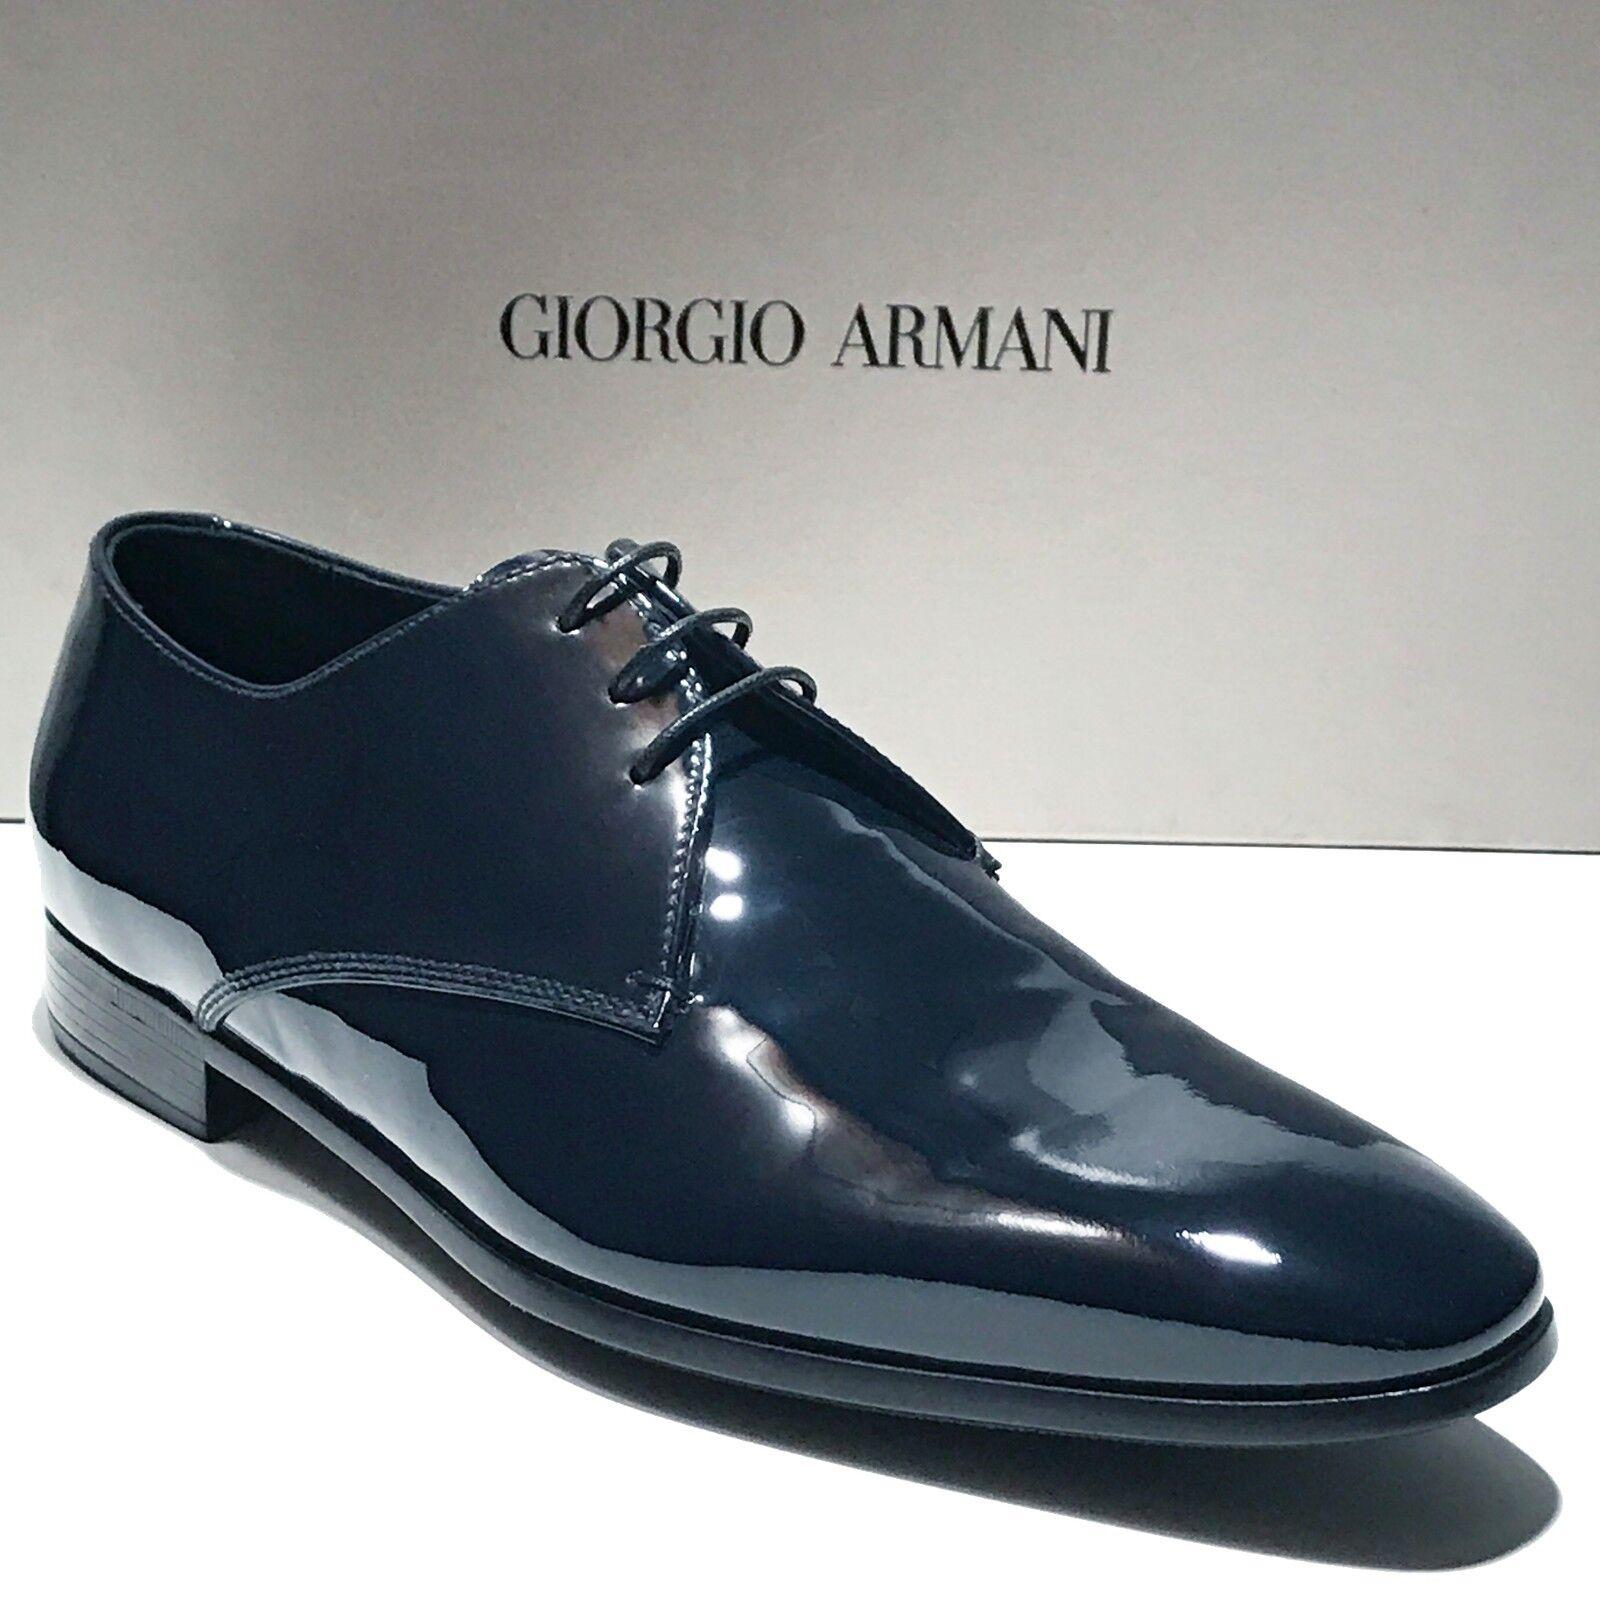 centro commerciale di moda Giorgio Armani Armani Armani Navy blu Patent Leather Tuxedo Dress Oxford 8.5 41.5 Uomo scarpe  articoli promozionali